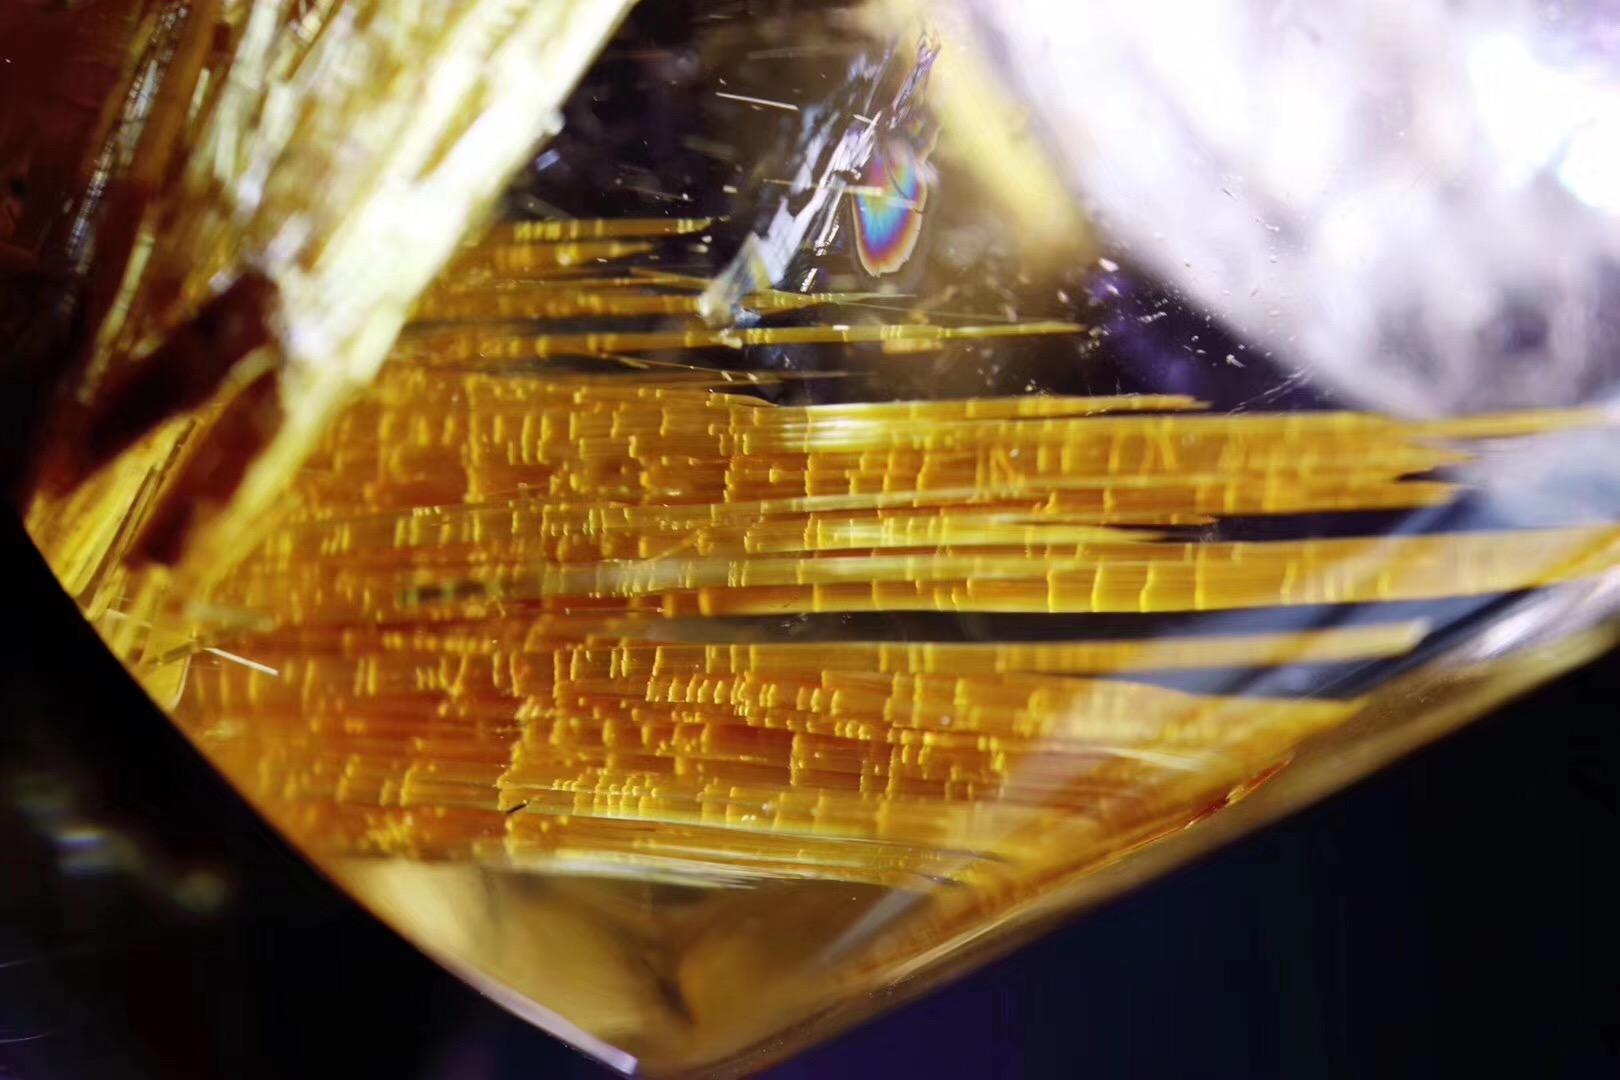 【菩心-收藏级钛晶】钛晶重器--黄财神,王者风范-菩心晶舍